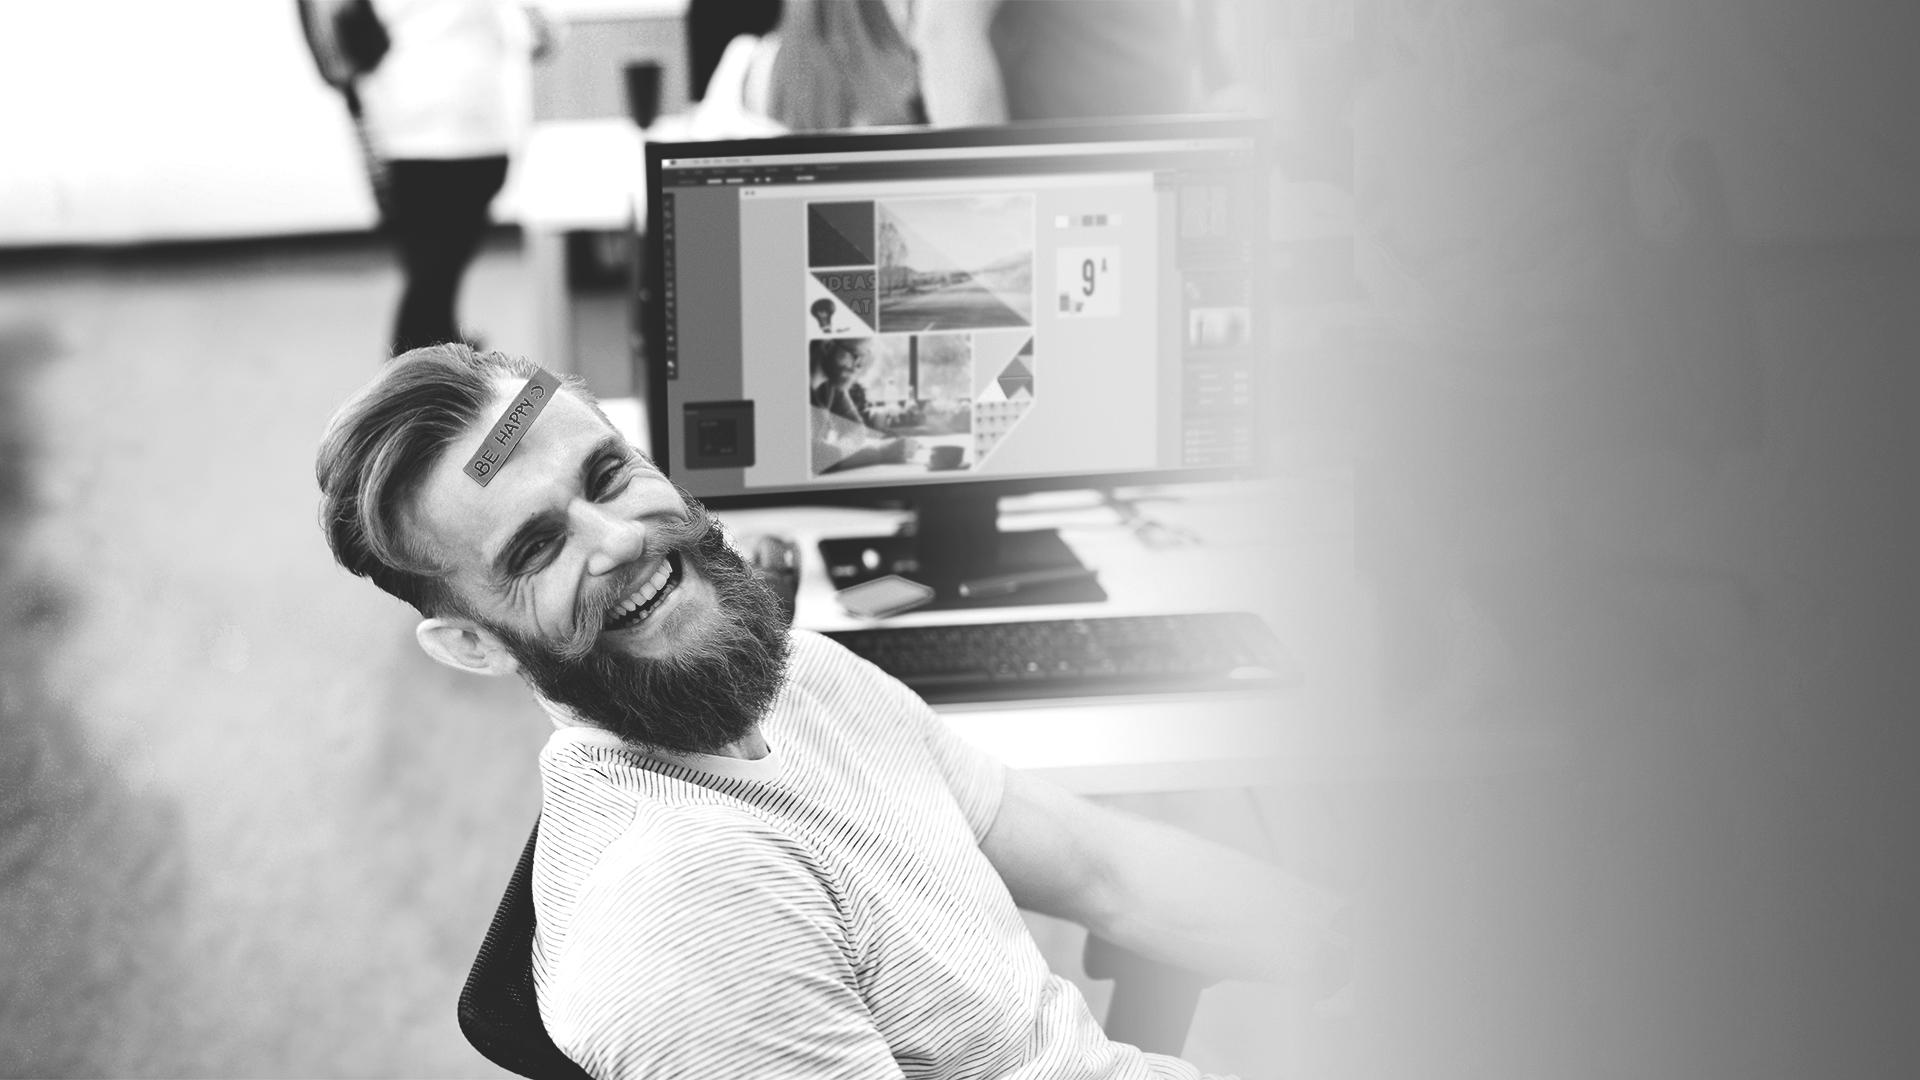 5 ways to enhance employee engagement